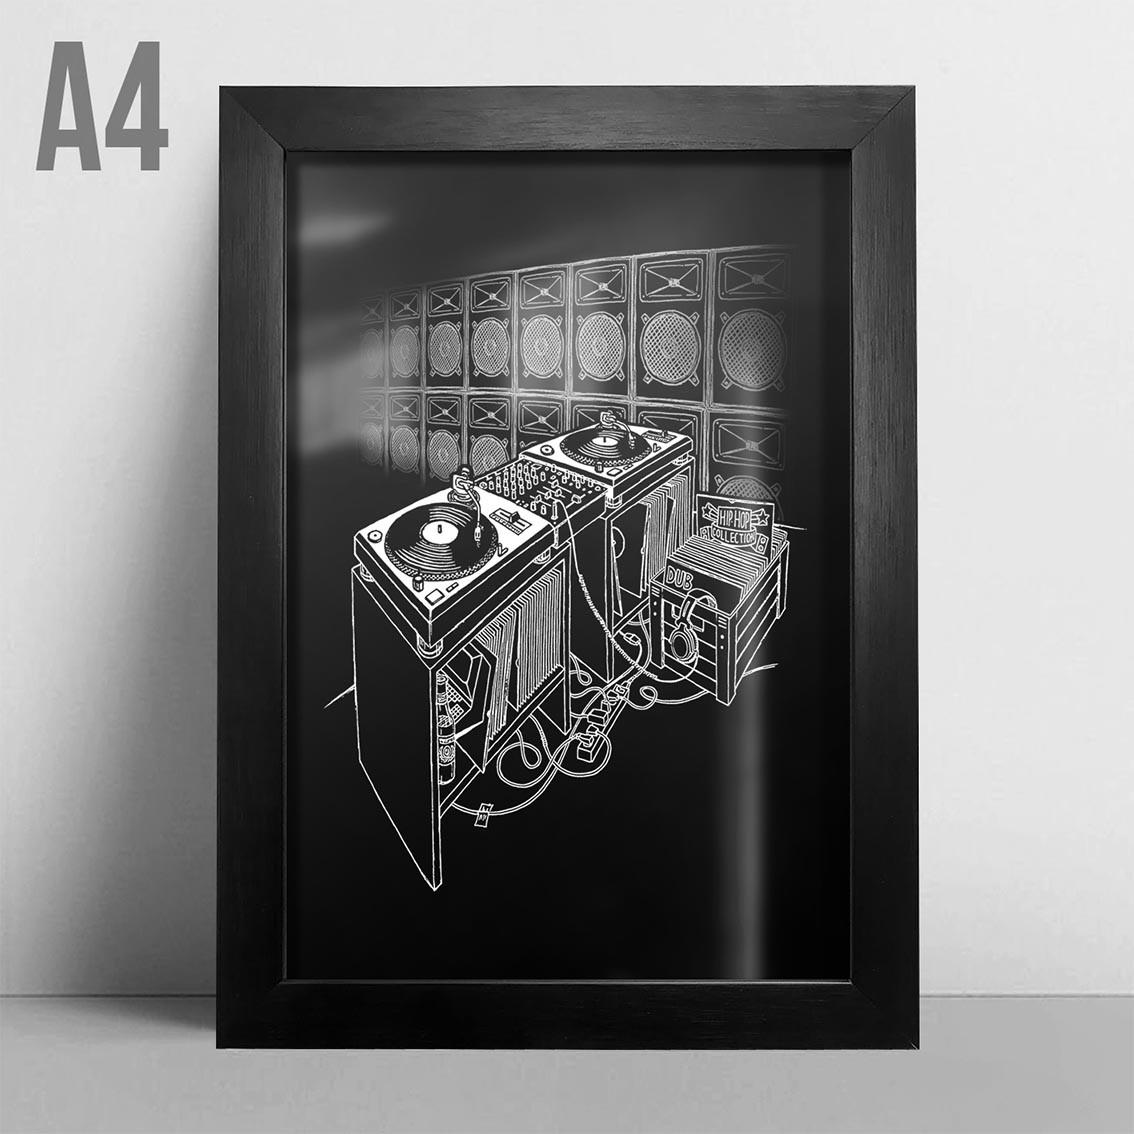 Quadro A4 - Classic Sound System